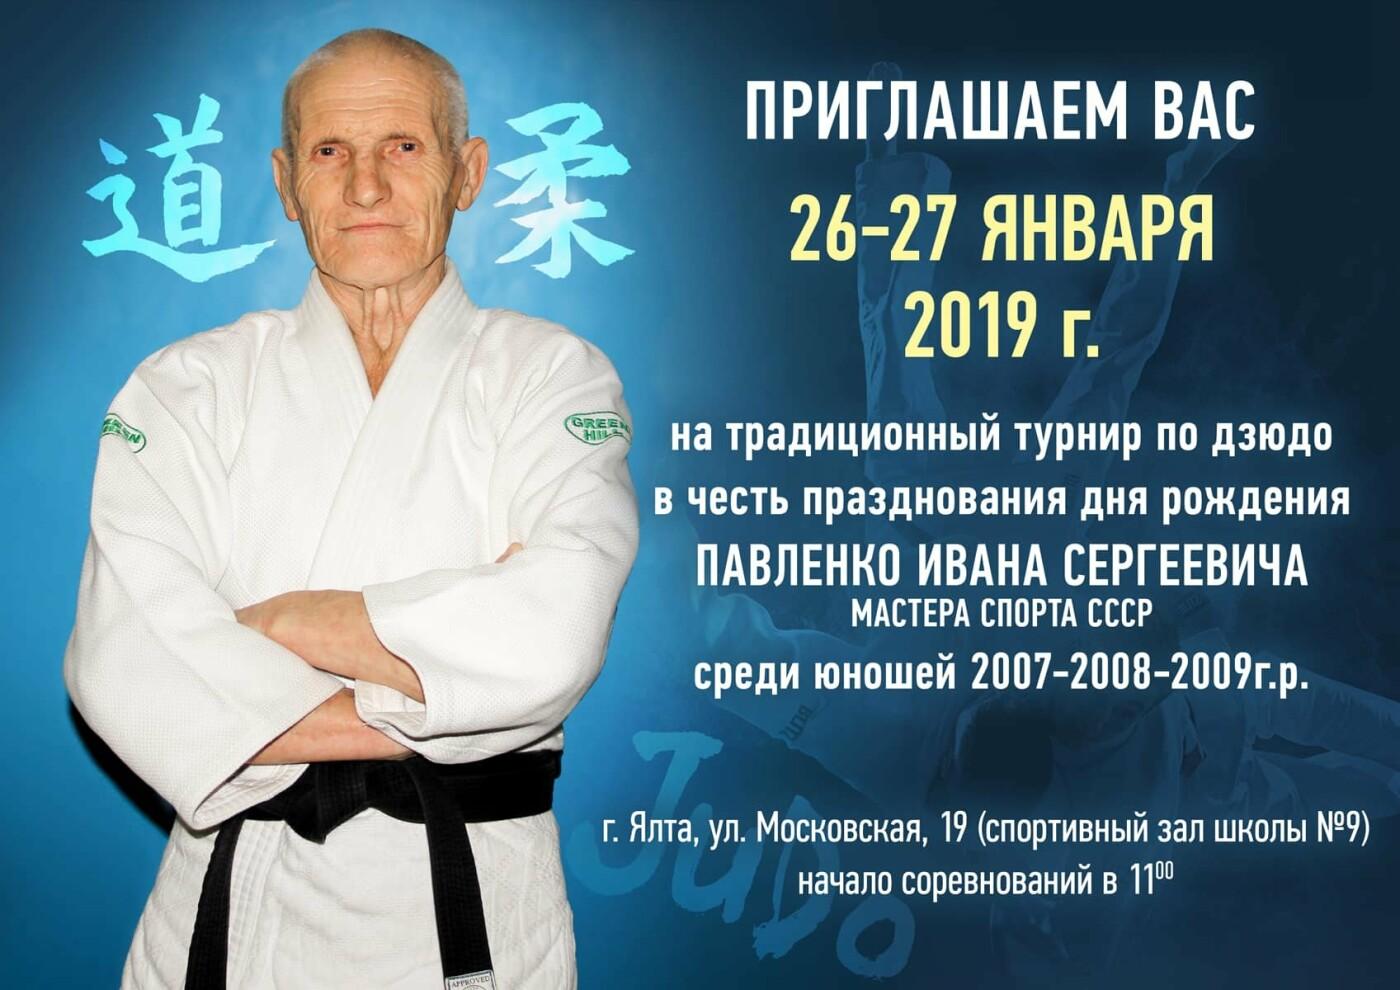 В Ялте готовятся к традиционному турниру  по дзюдо, посвященному Ивану Павленко, фото-1